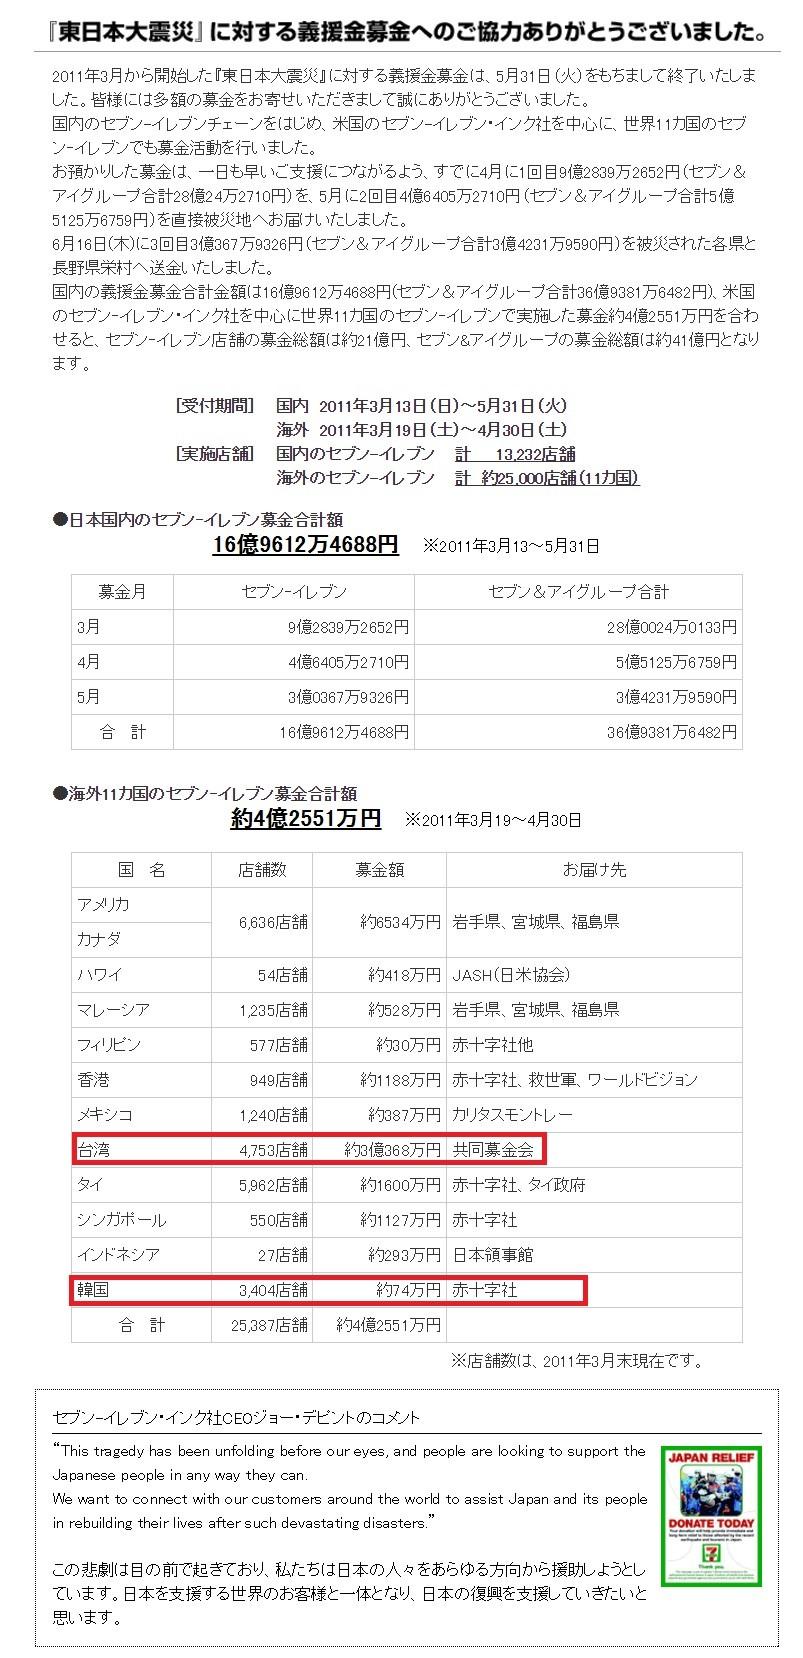 チョン国、東日本大震災の義援金74万円 セブンイレブン募金